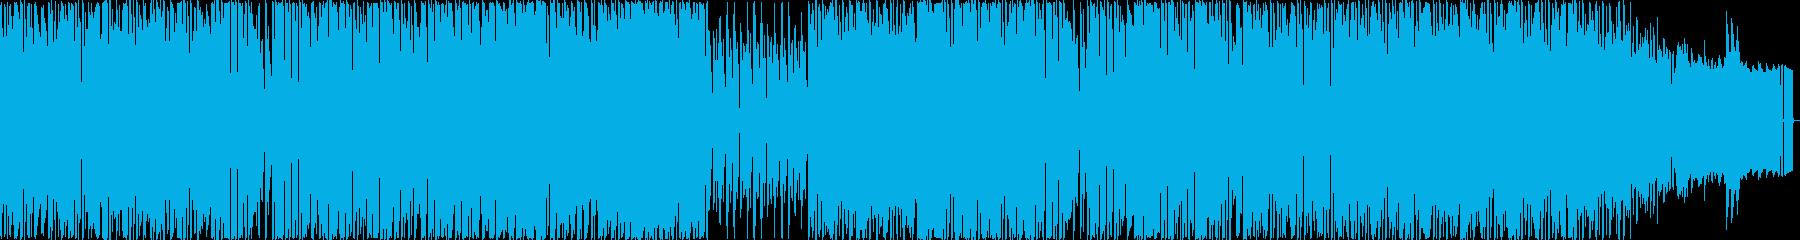 甘く優しいメロディーと4つ打ちリズムの再生済みの波形